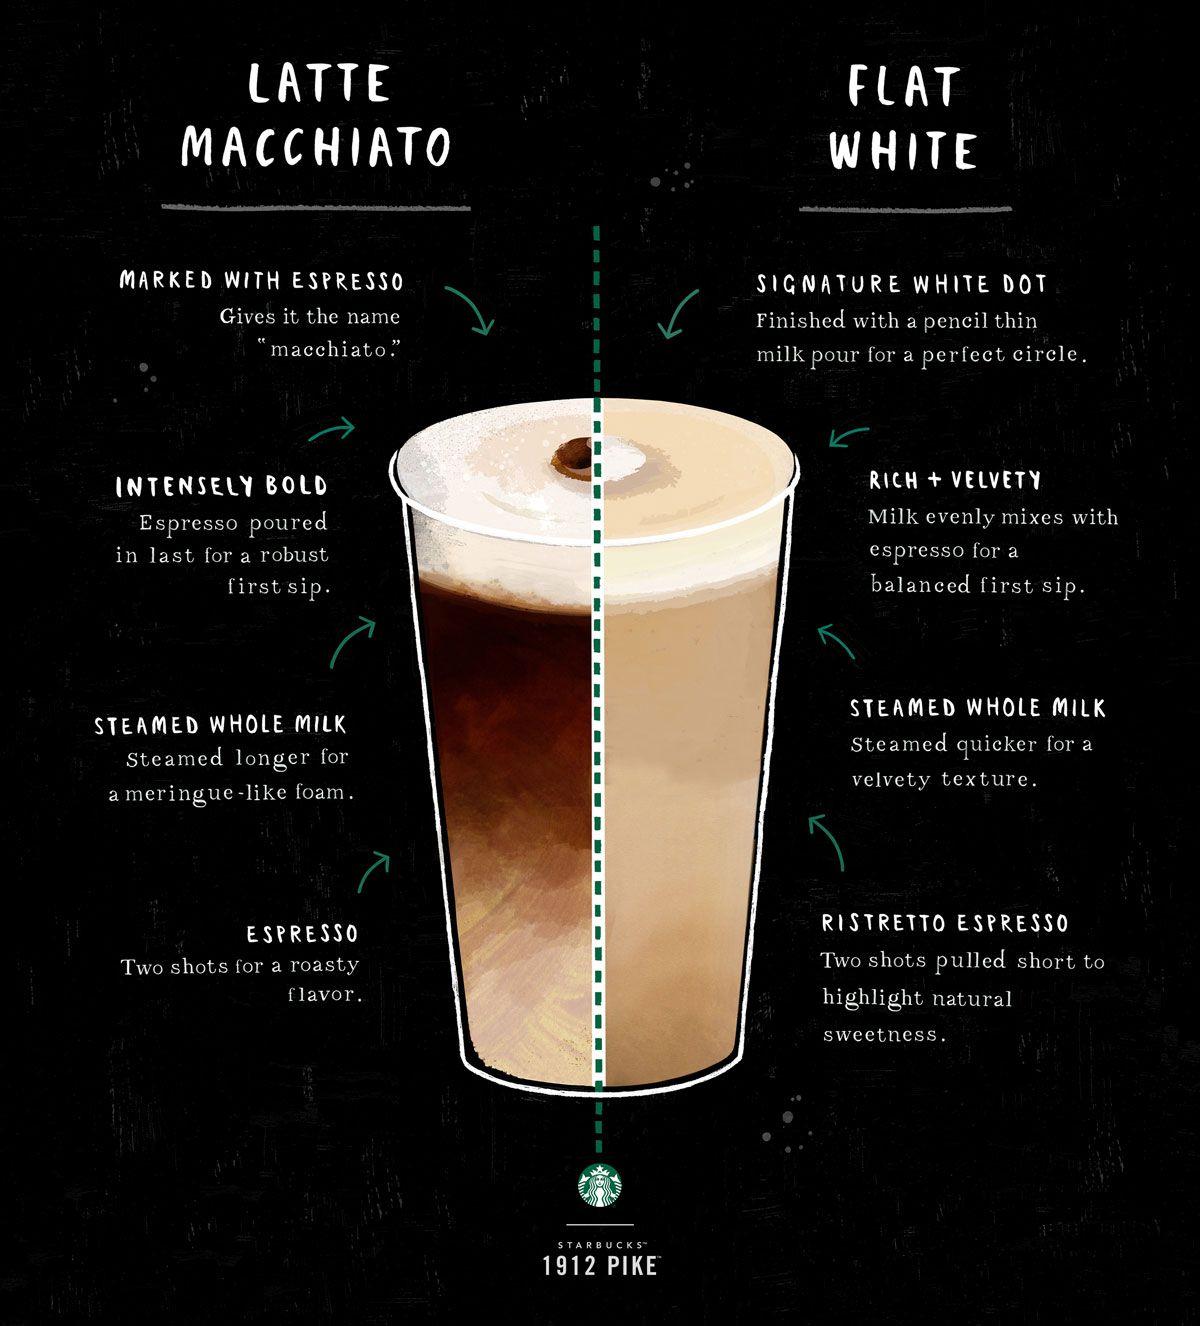 Comparing the Latte Macchiato and the Flat White #lattemacchiato